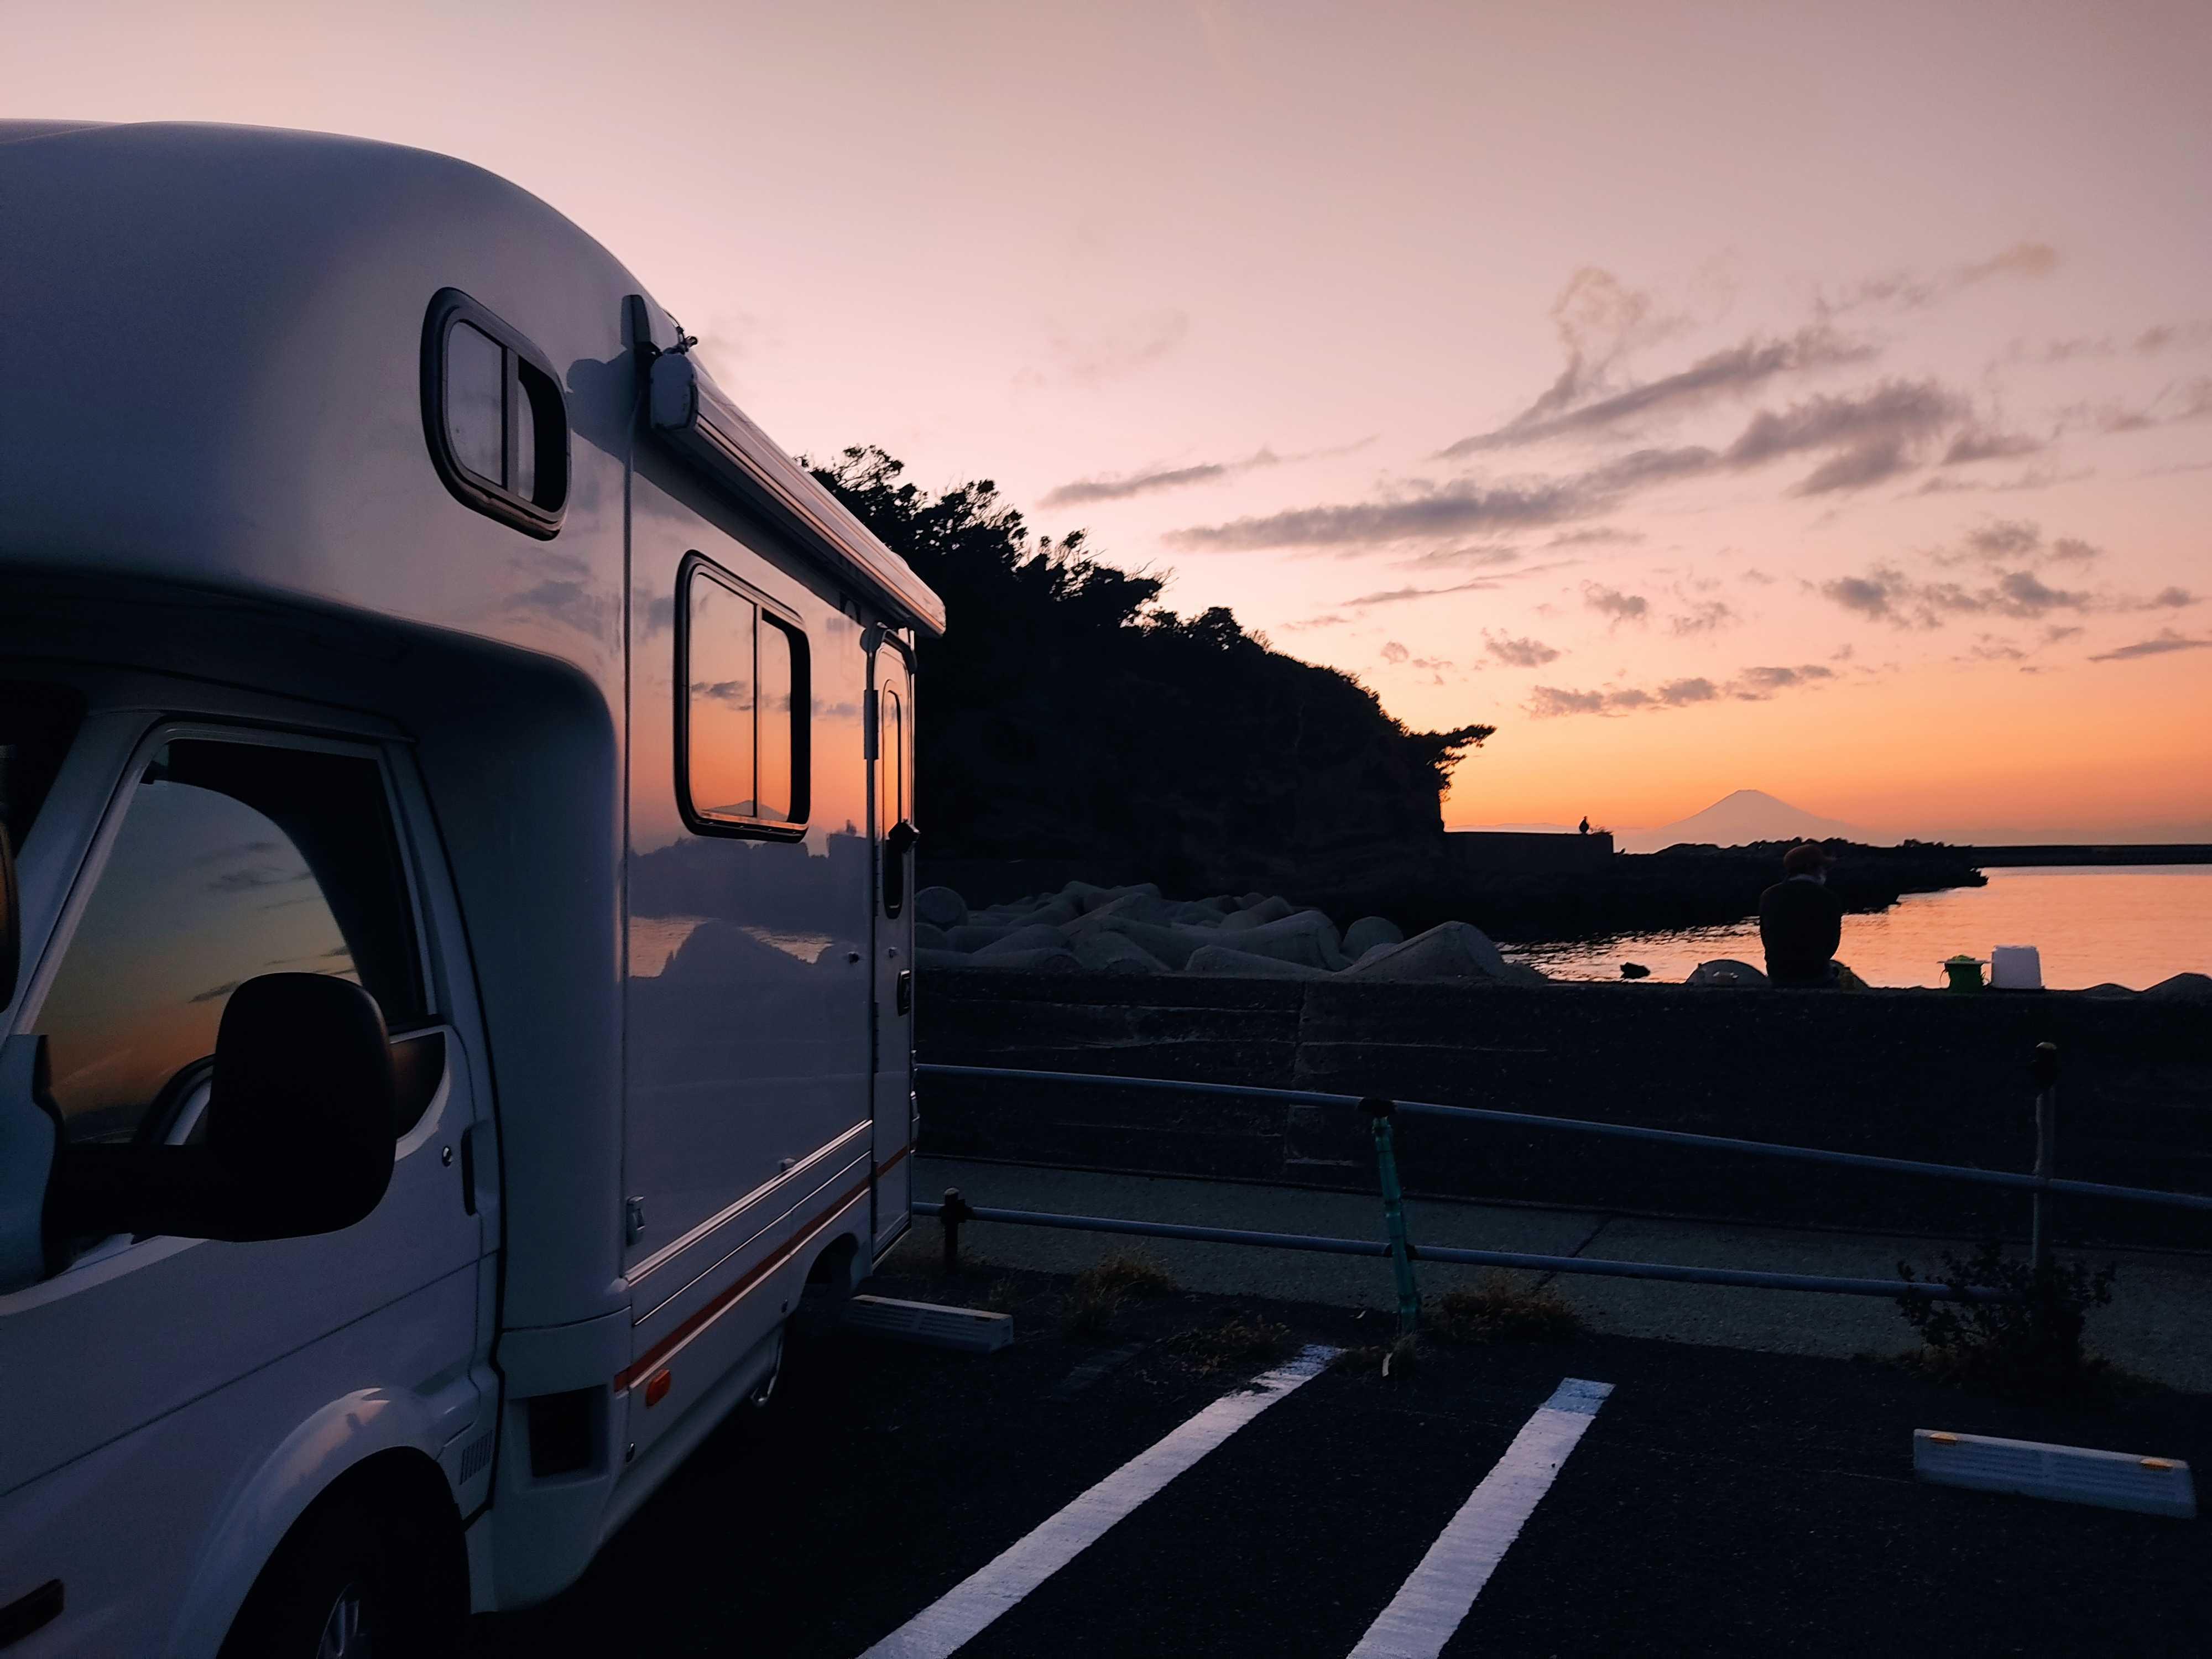 夕焼けと富士山がきれいに見れます。夜は星がきれいに見えます。